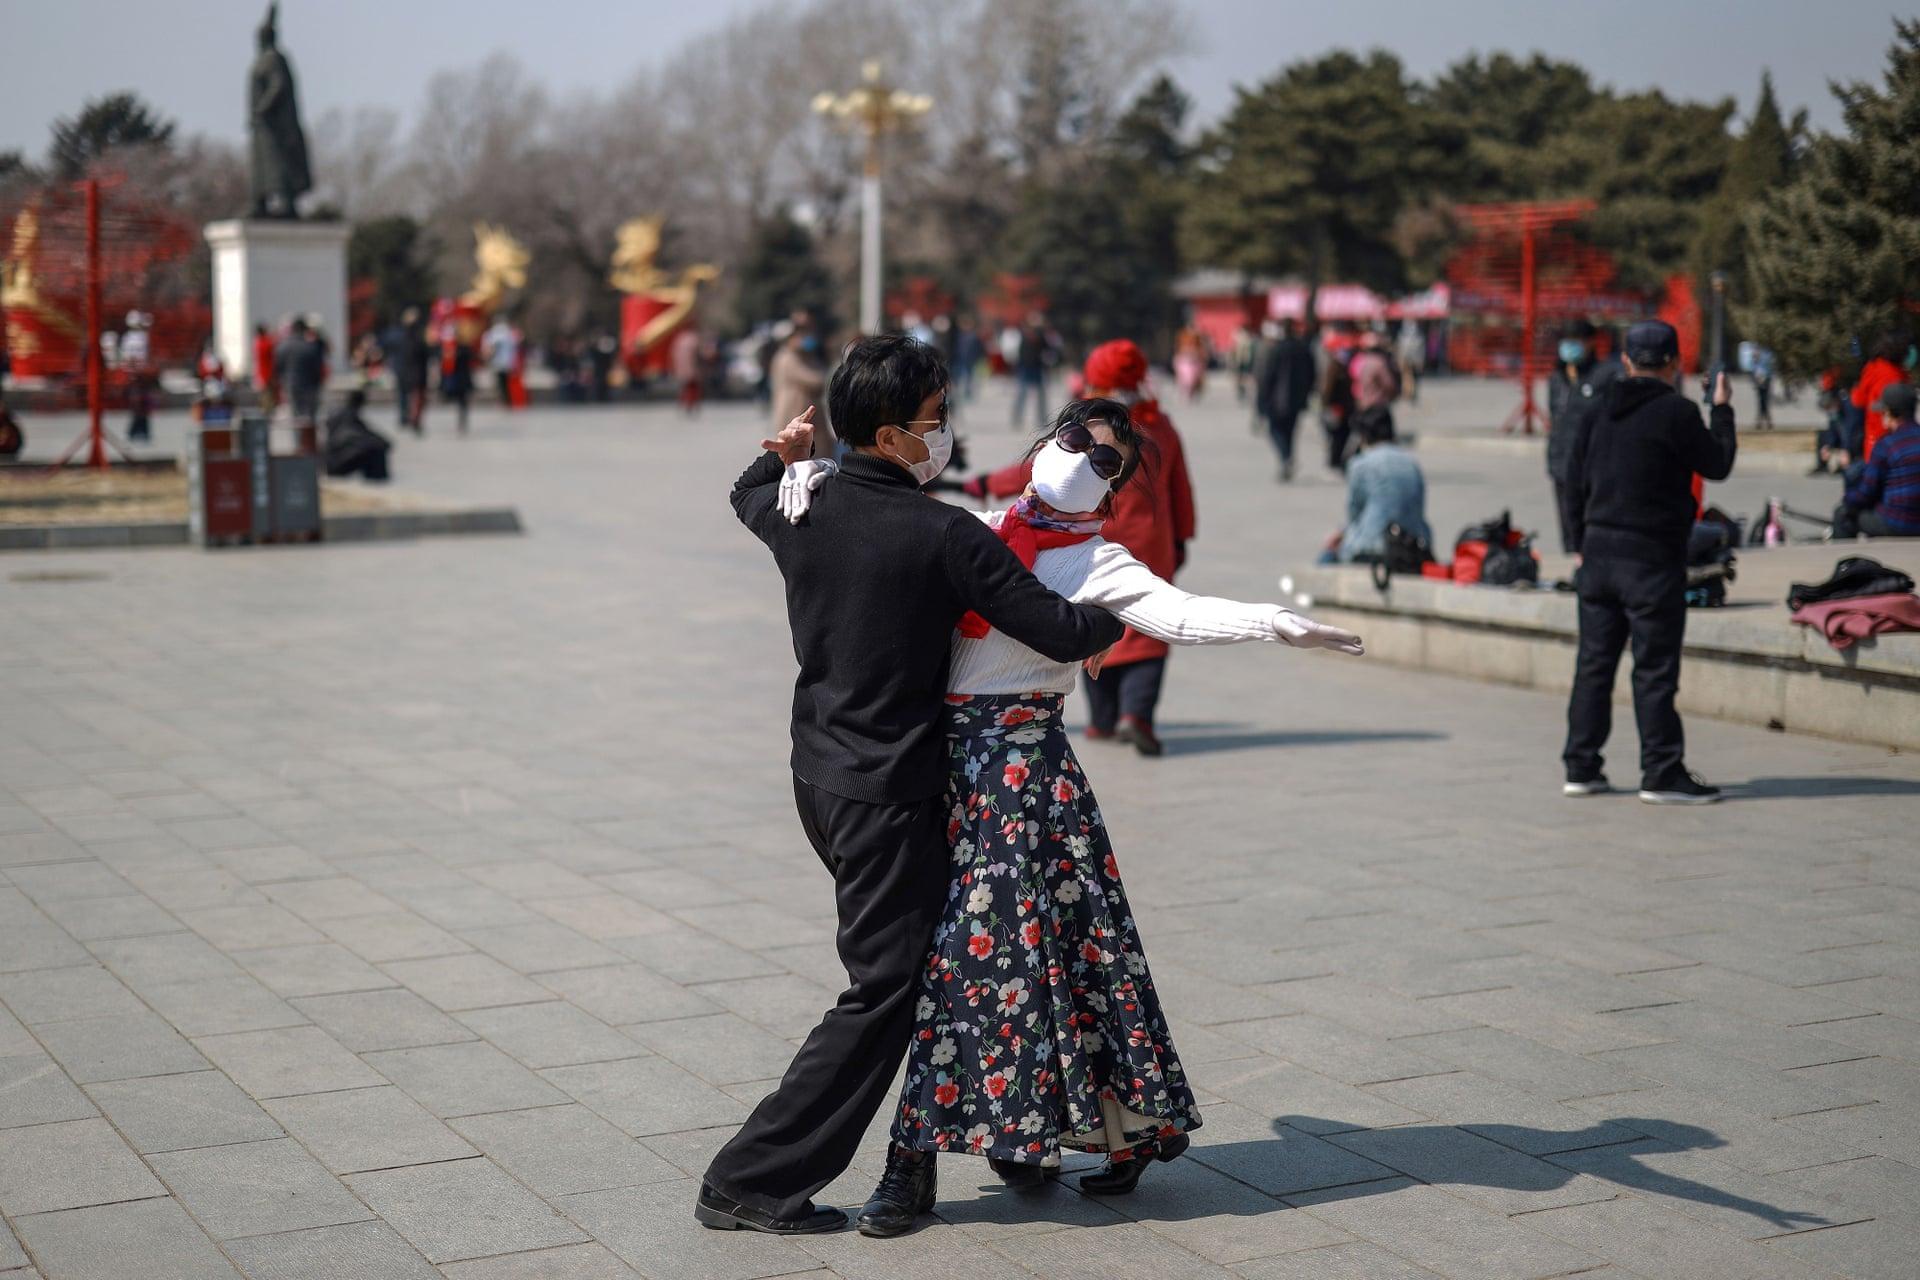 Una coppia balla in un parco in Cina